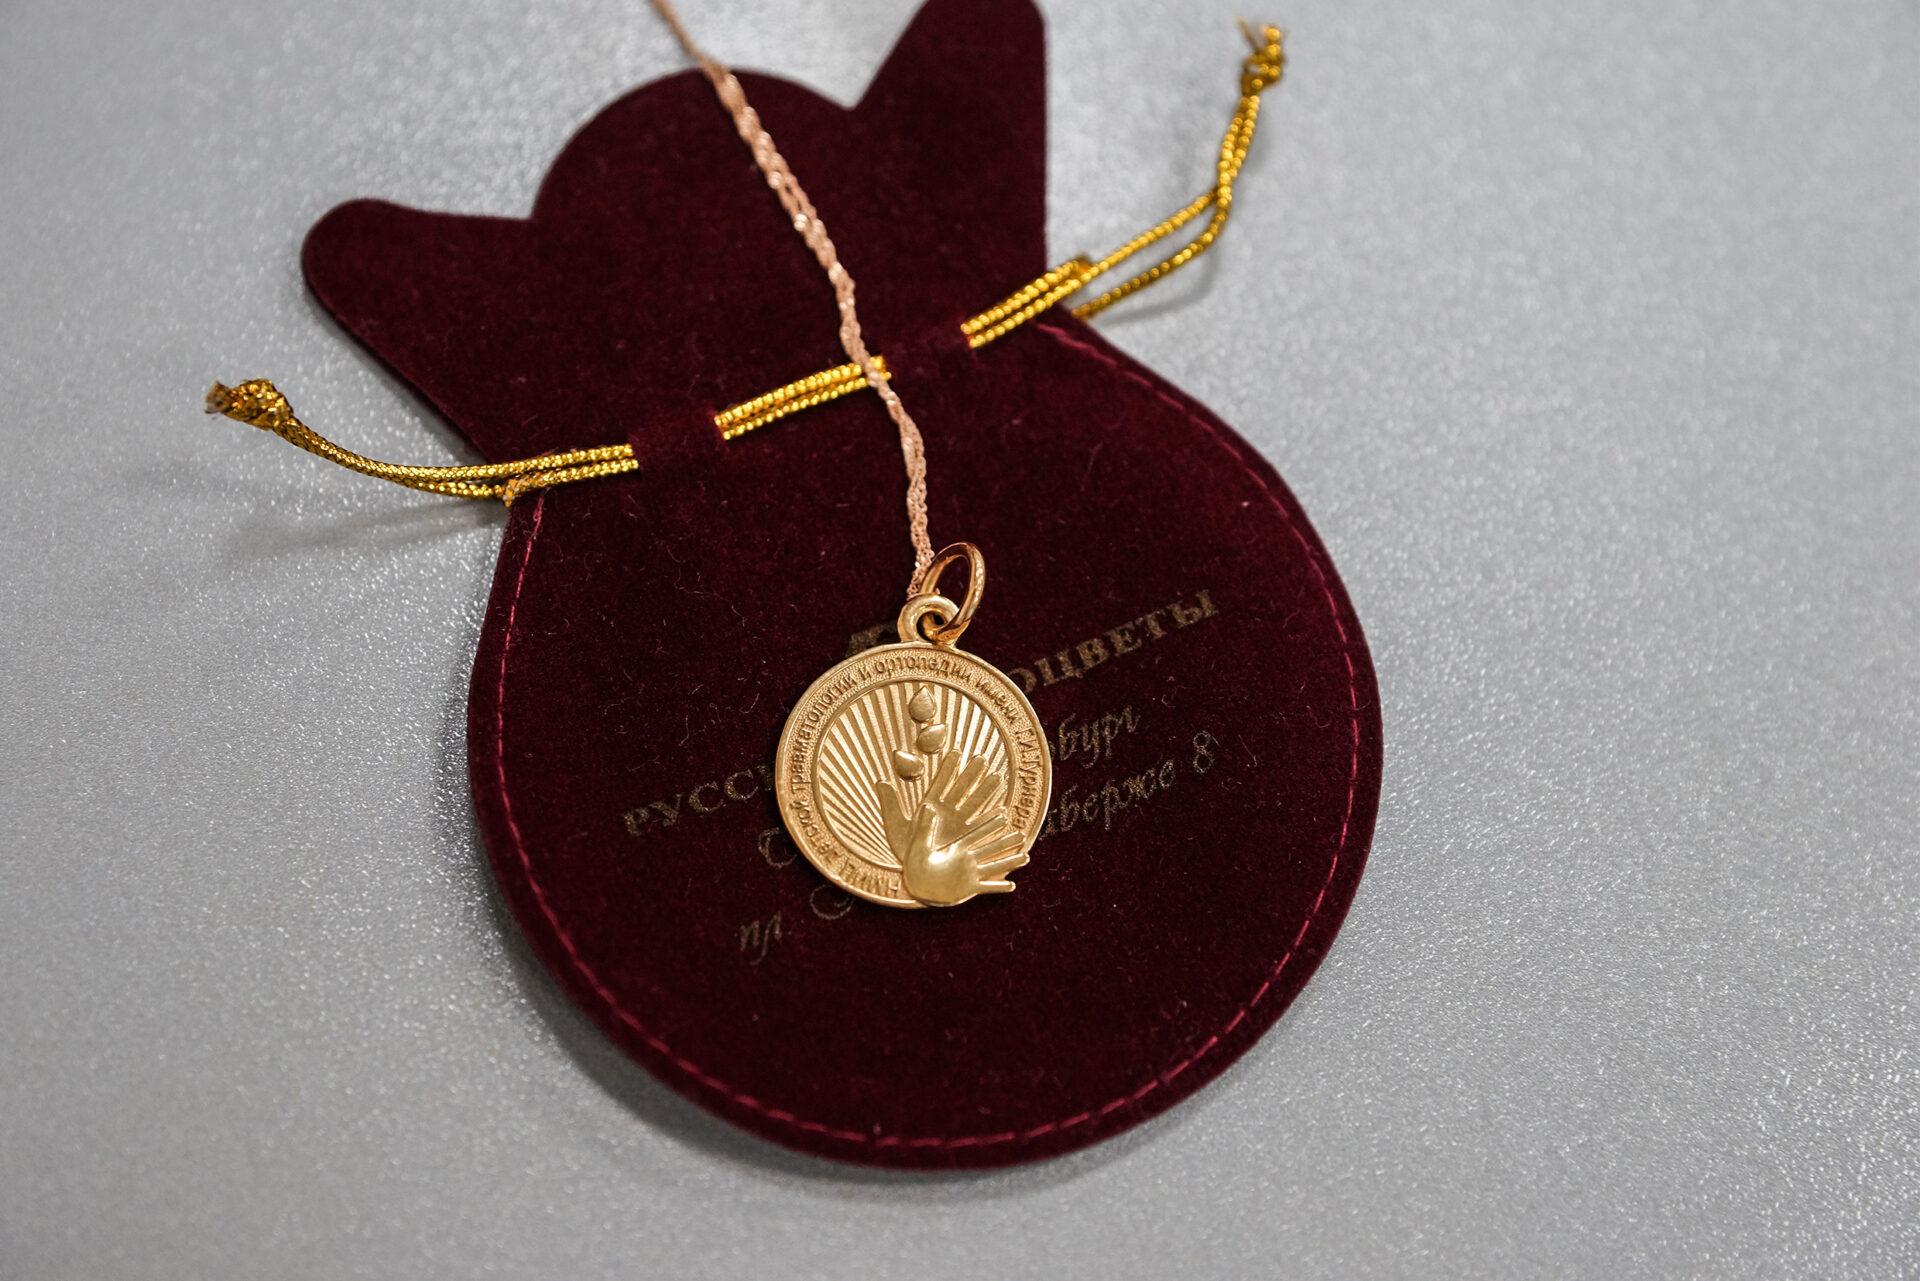 Ординаторам НМИЦ детской травматологии и ортопедии имени Г.И. Турнера вручены памятные сувениры